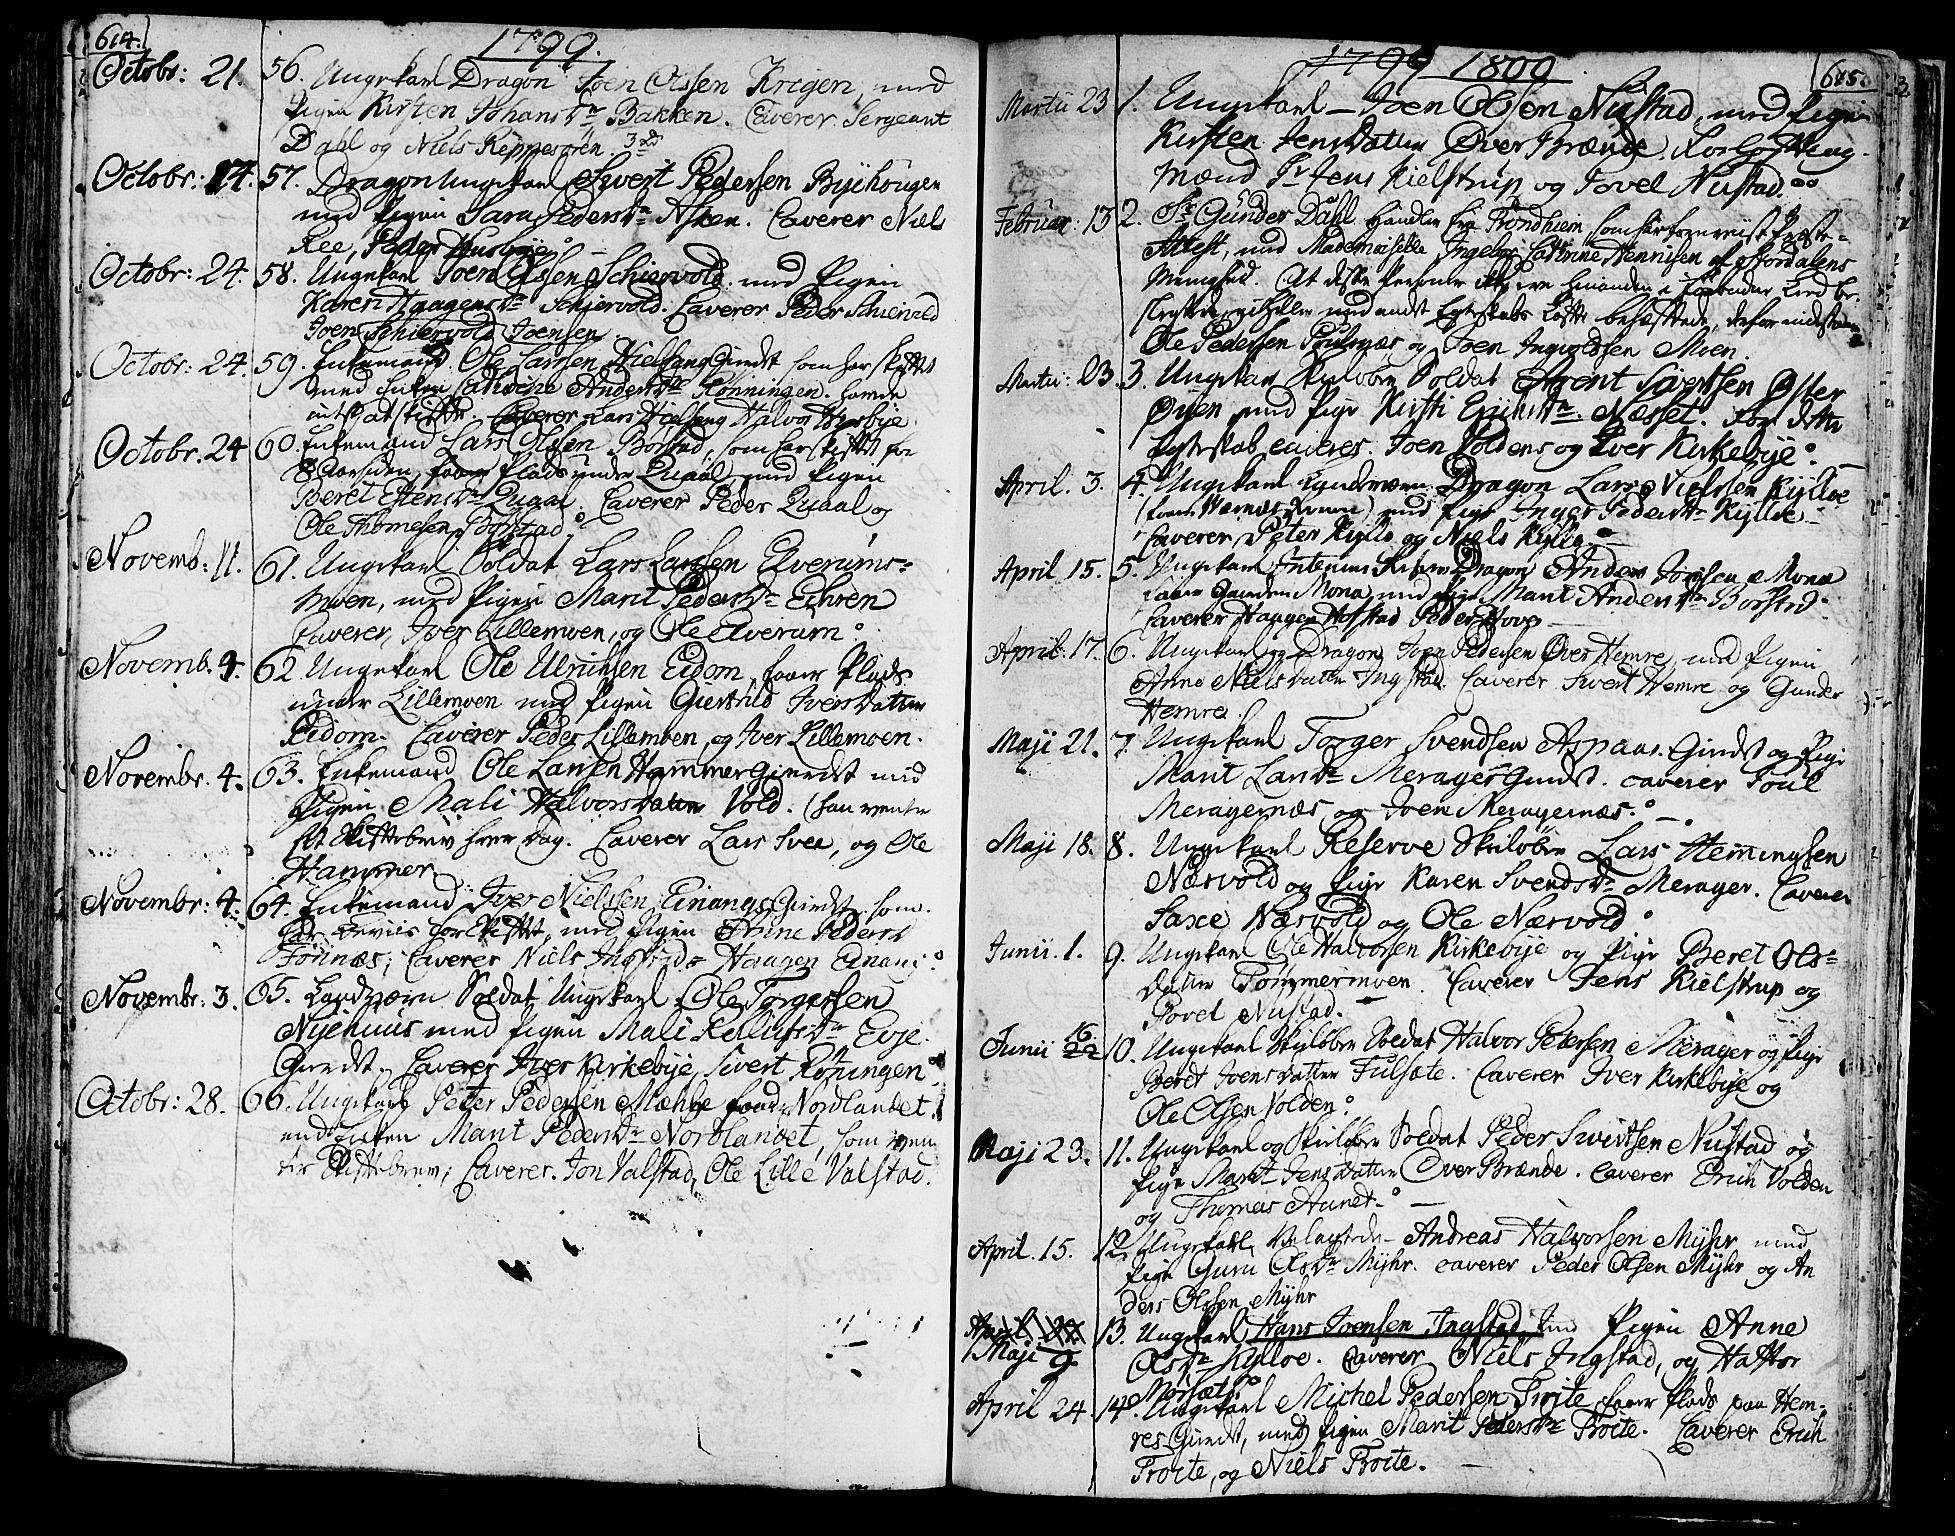 SAT, Ministerialprotokoller, klokkerbøker og fødselsregistre - Nord-Trøndelag, 709/L0060: Ministerialbok nr. 709A07, 1797-1815, s. 614-615